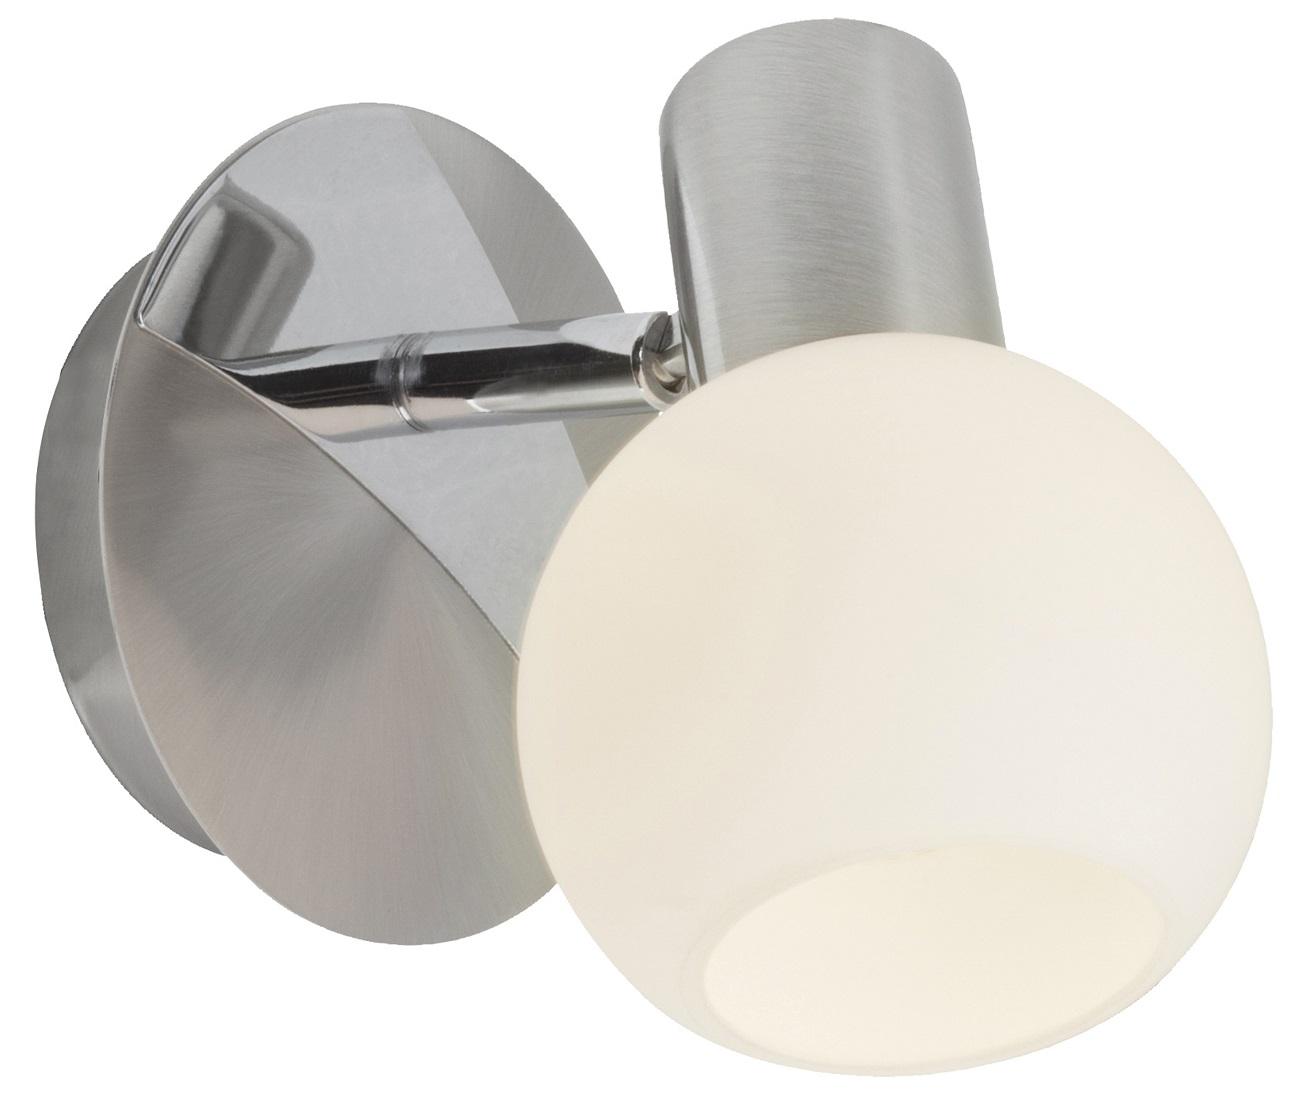 Wandlamp Tinna 1xE14 40Watt in chroom met wit